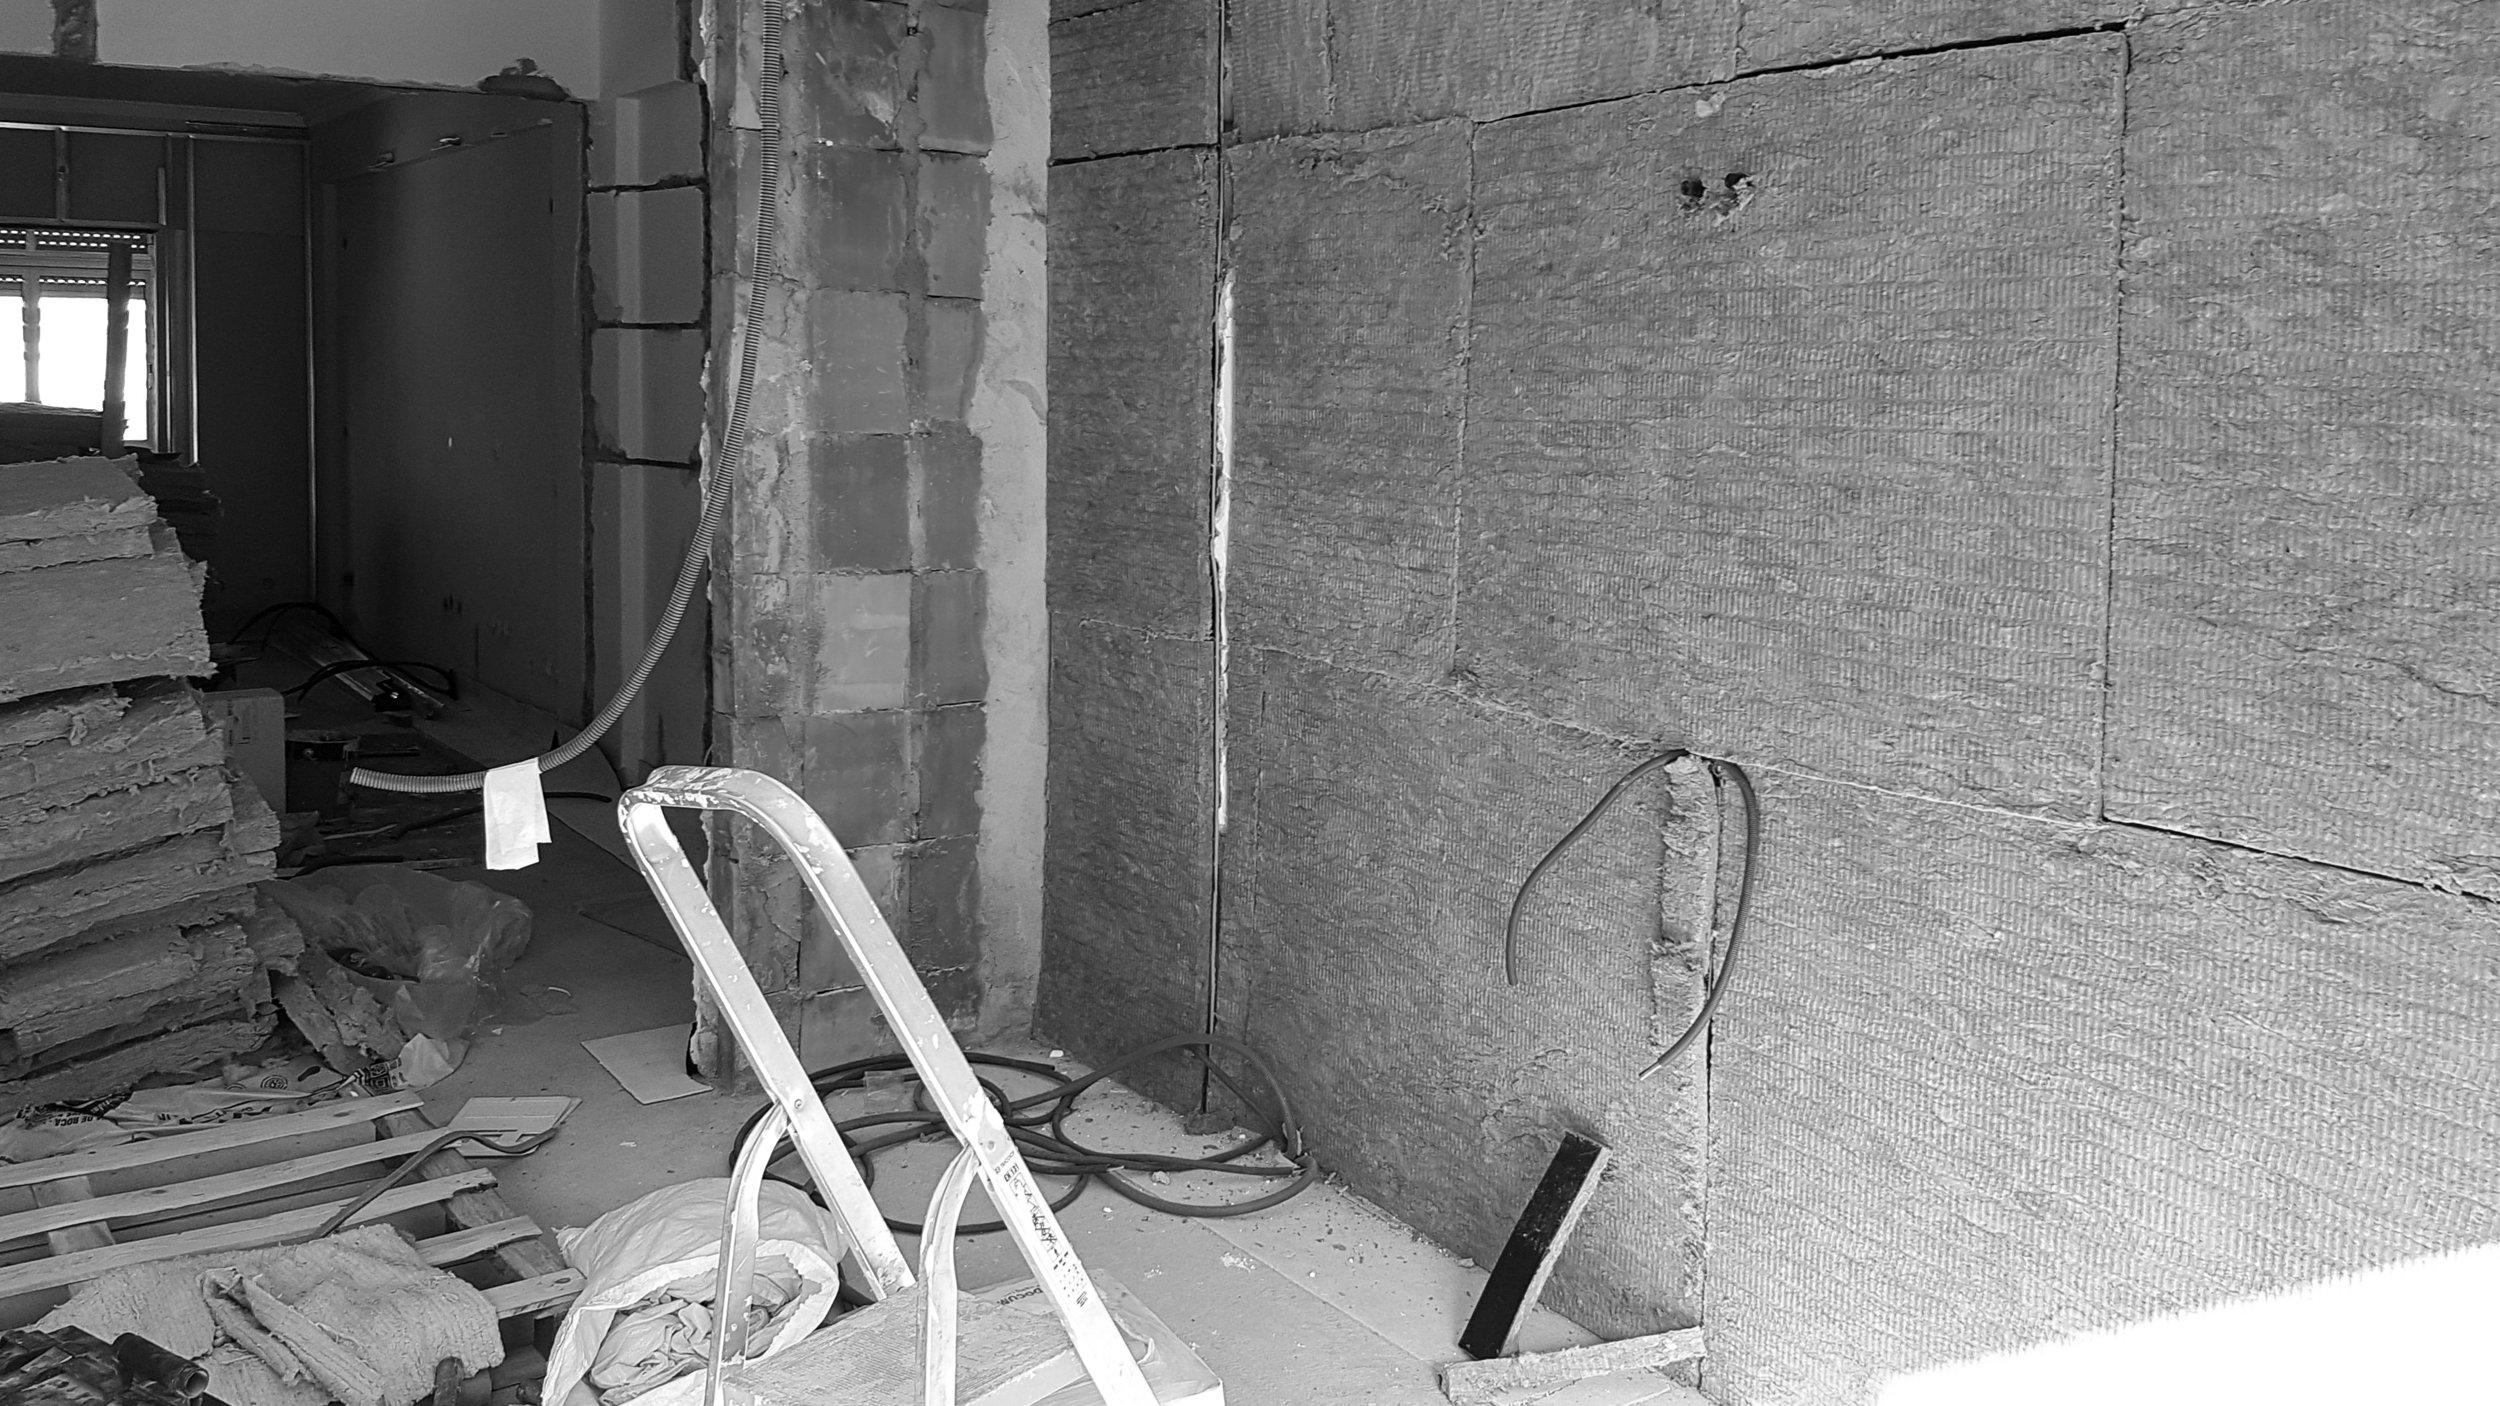 Apartamento Alcântara - Lisboa - EVA evolutionary architecture - EVA atelier - arquitectura - remodelação (21).jpg